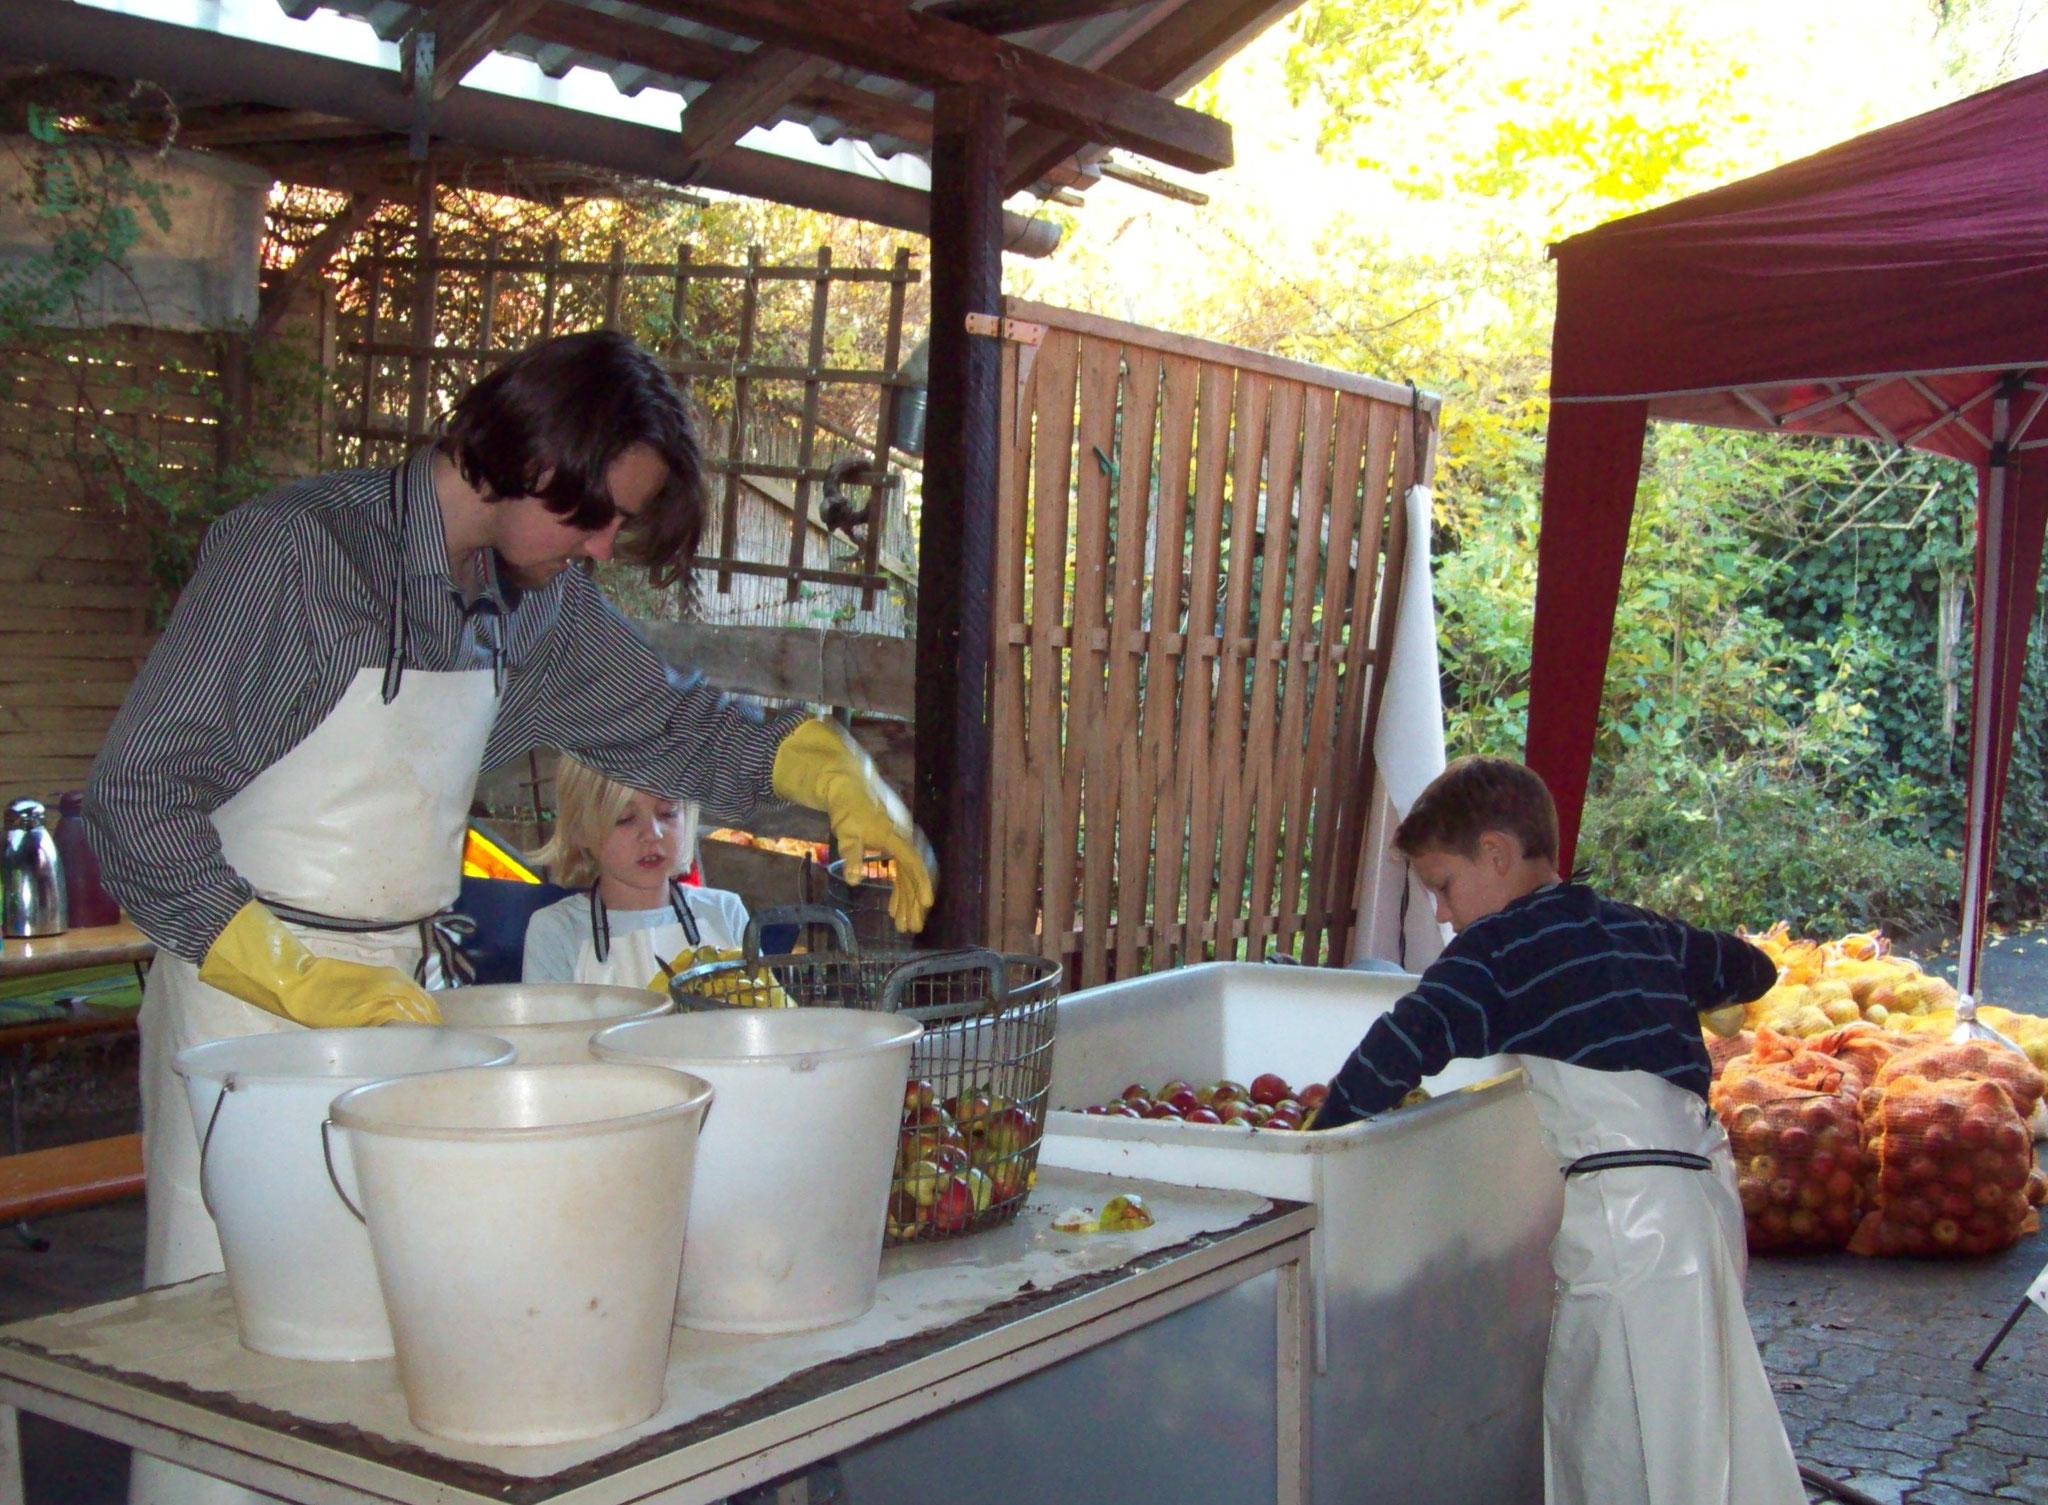 Reinigung und Ausschneiden von Faulstellen